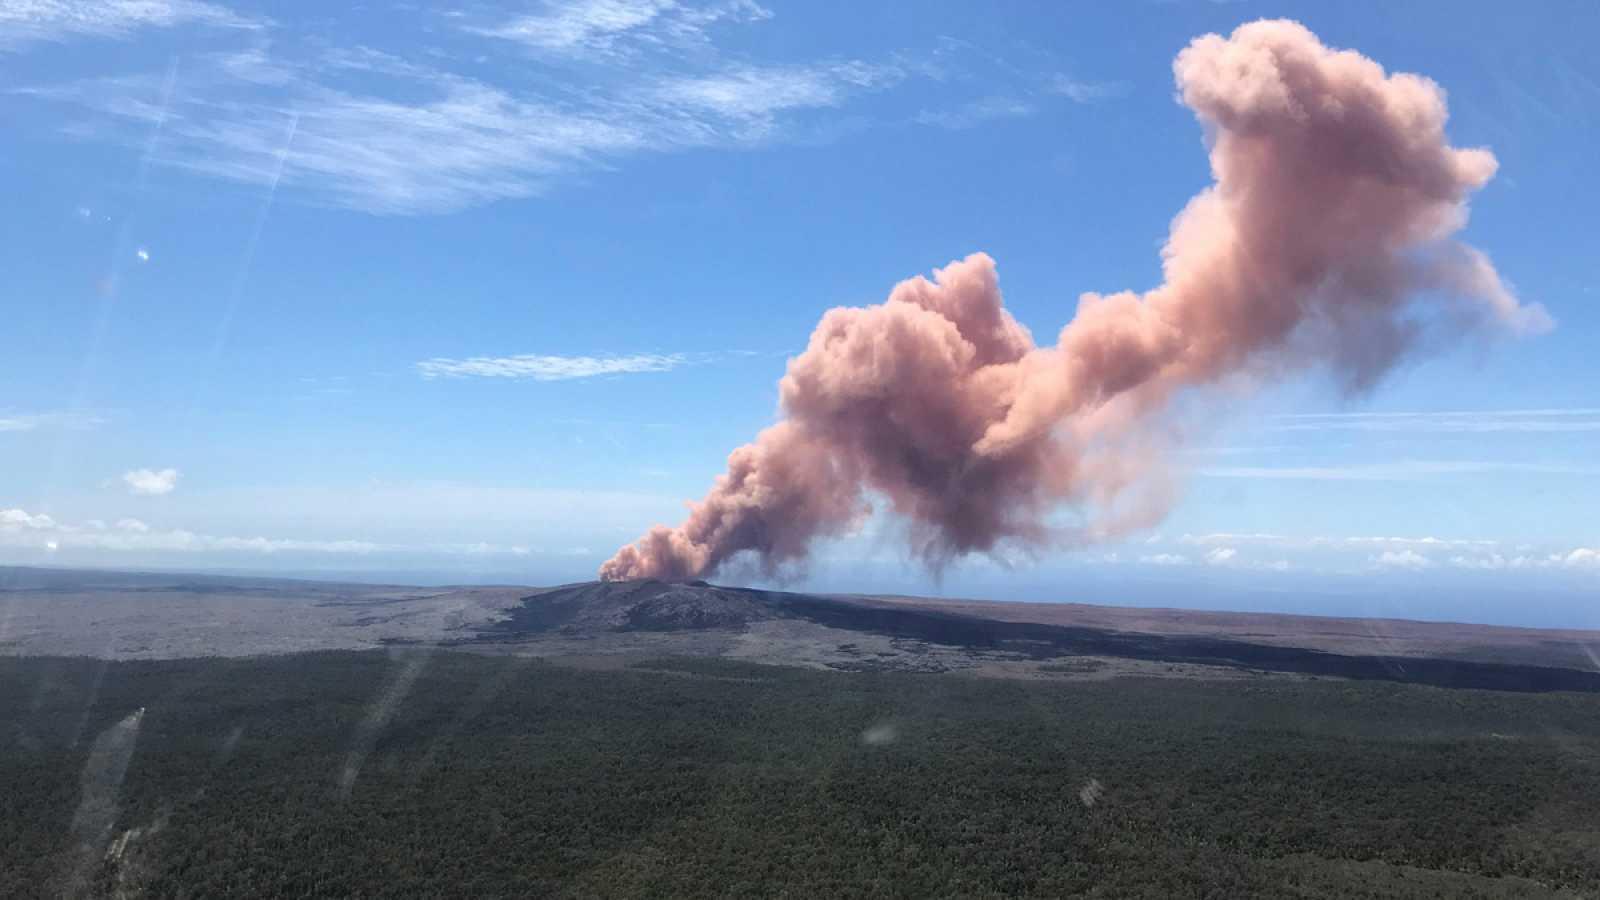 Un temblor de 6,9 grados sacude la zona del volcán hawaiano Kilauea en erupción